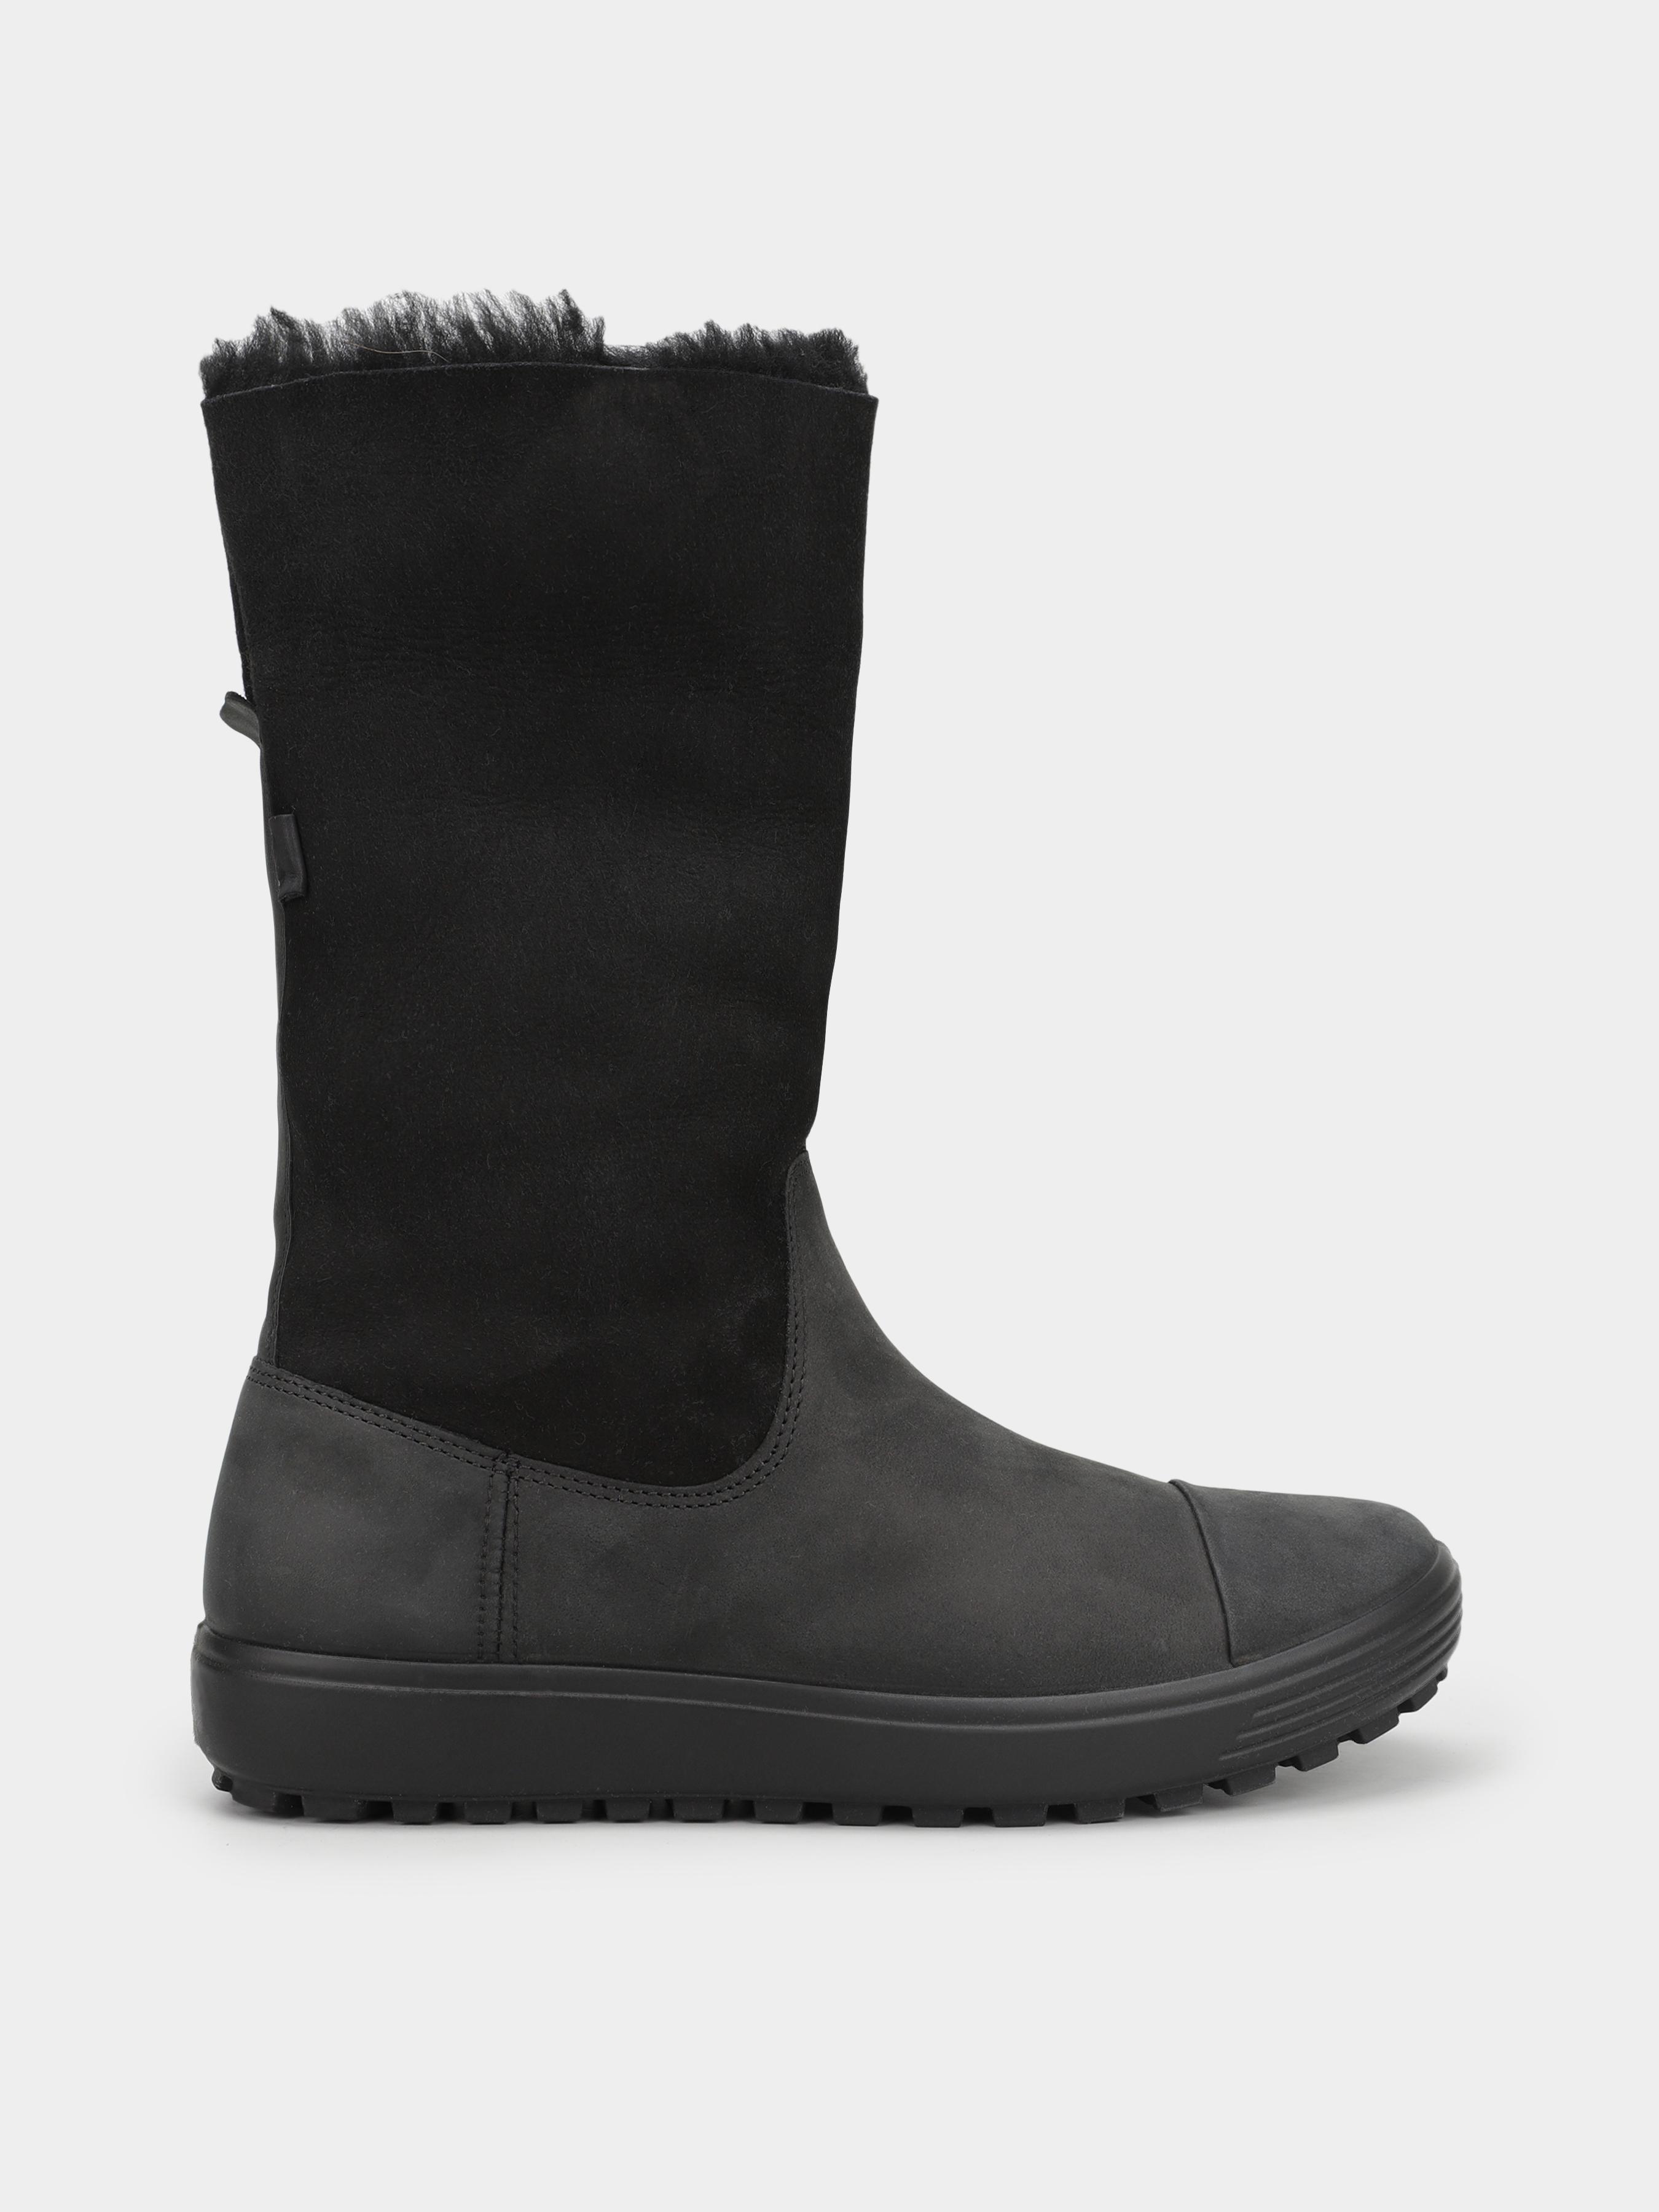 Жіночі чоботи. Купити чоботи для жінок  ціни eda6d57c5ffad